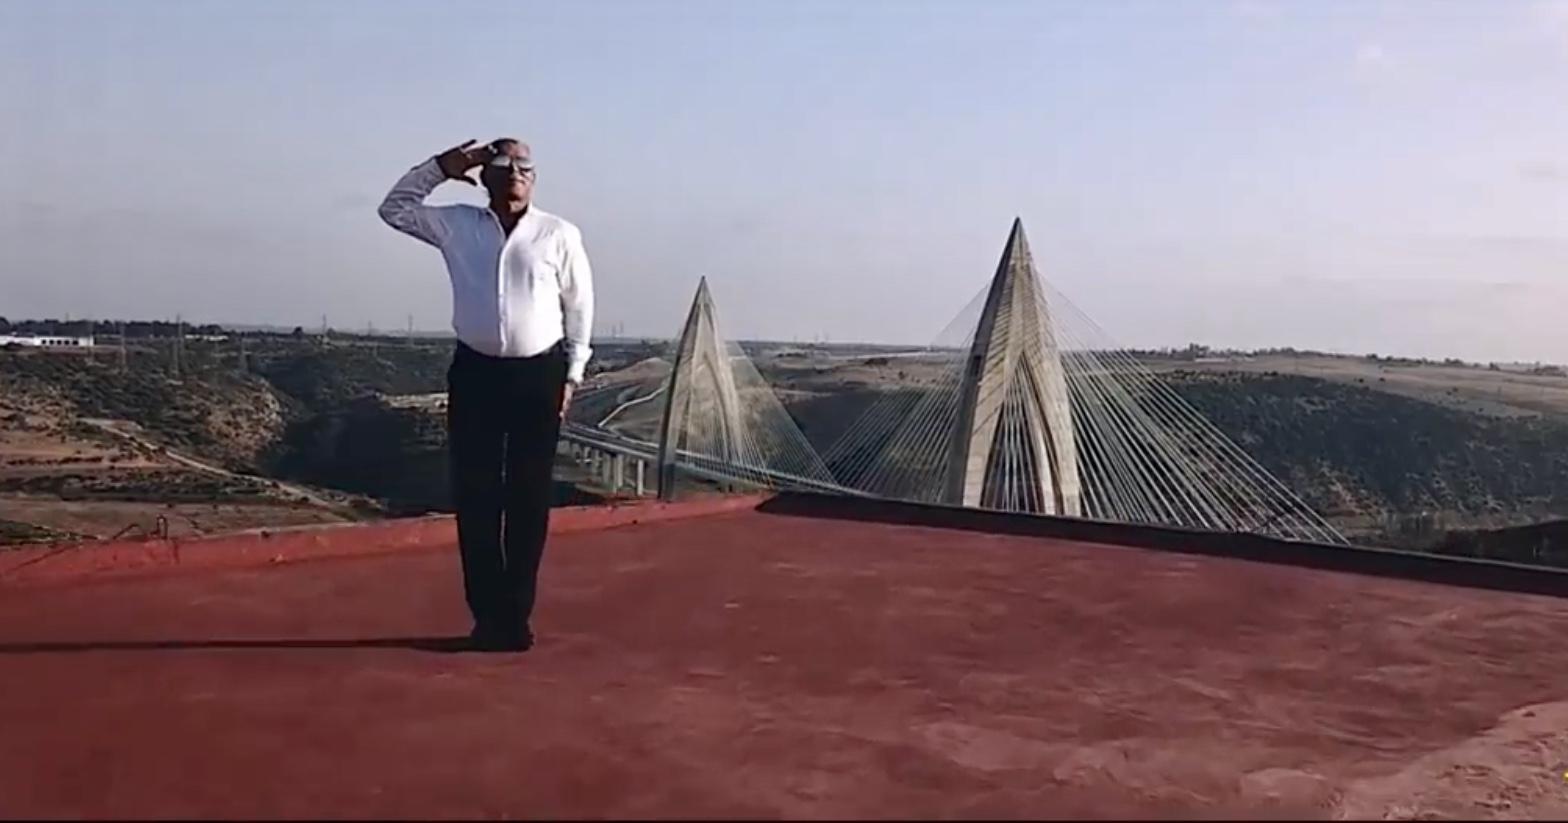 بالفيديو/الستاتي مامفاكش مخرج أغنية جديدة هدية للمٓلك بعنوان أبونا هو المغرب